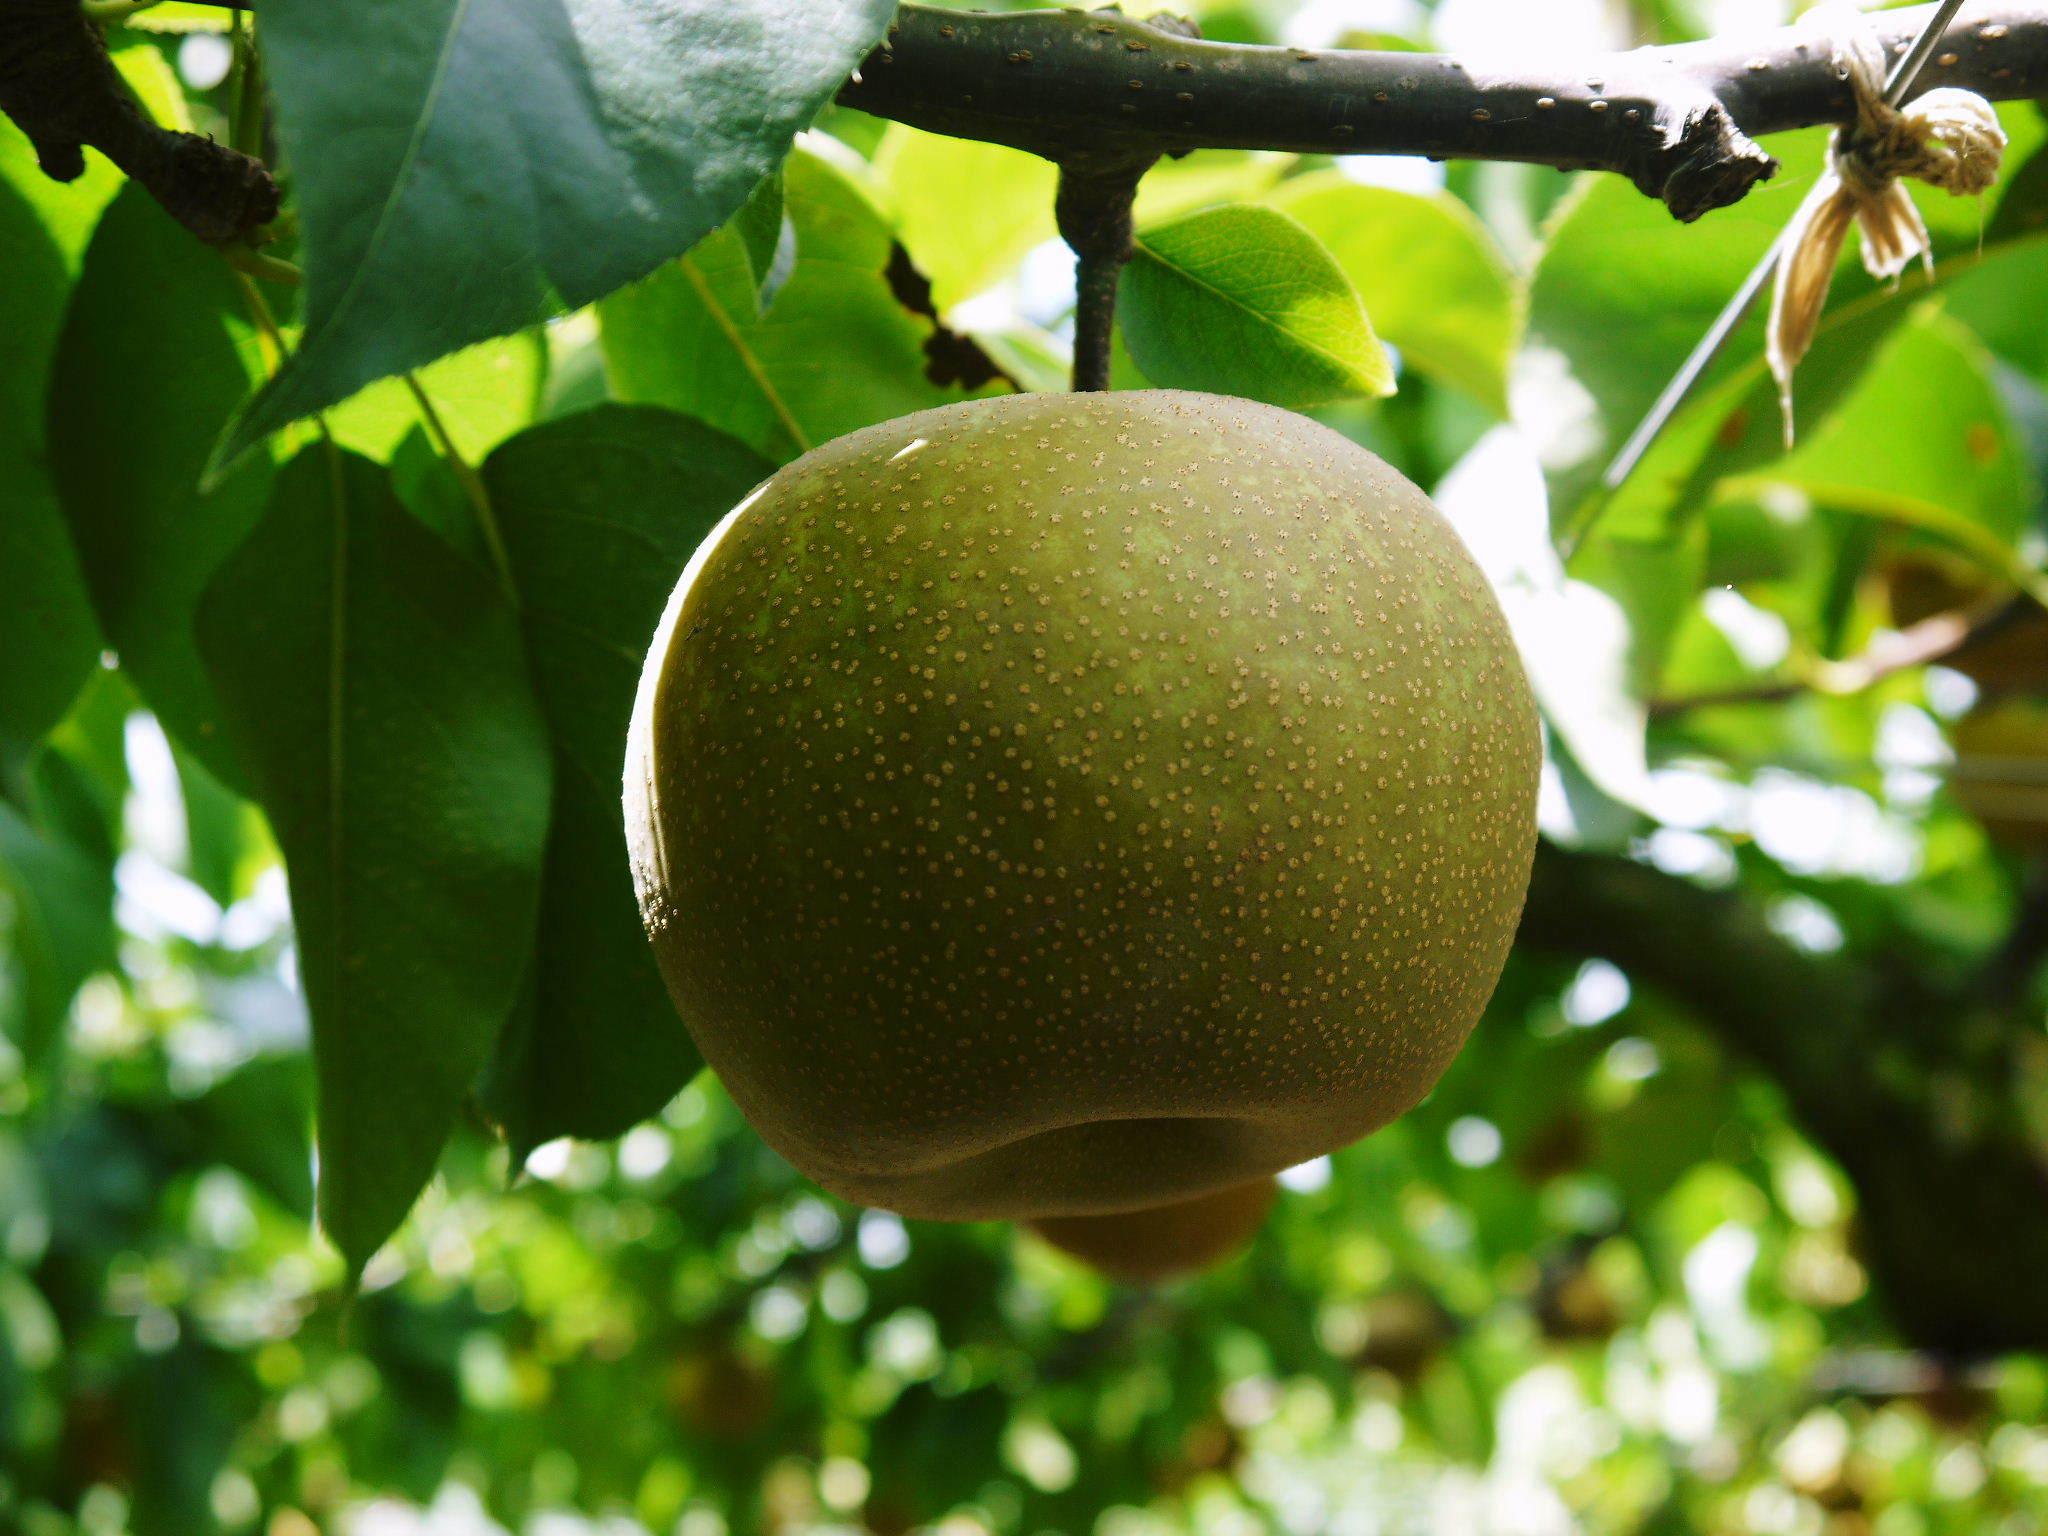 熊本梨 本藤果樹園 今年(令和3年)も元気に育つ梨園の様子!樹上完熟にこだわりお届けします!!_a0254656_17111384.jpg